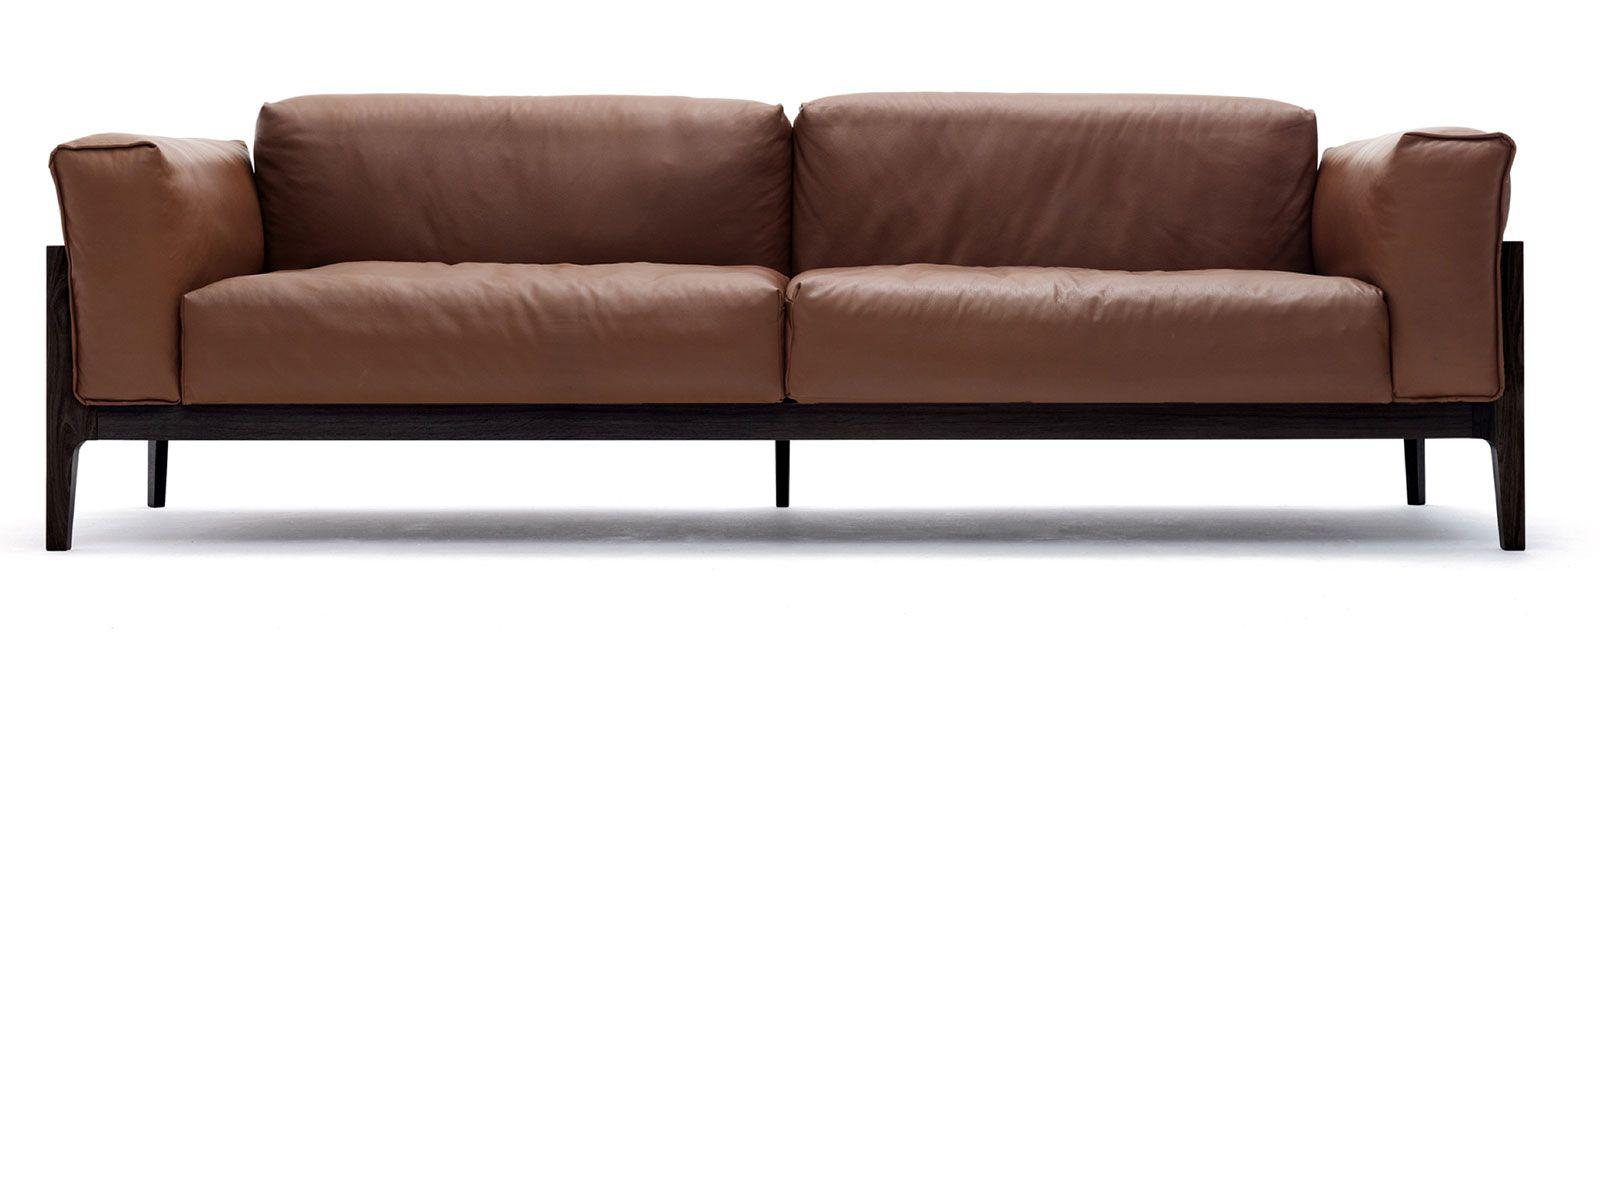 Elm Sofa: Cor | Ff (Image 10 of 20)